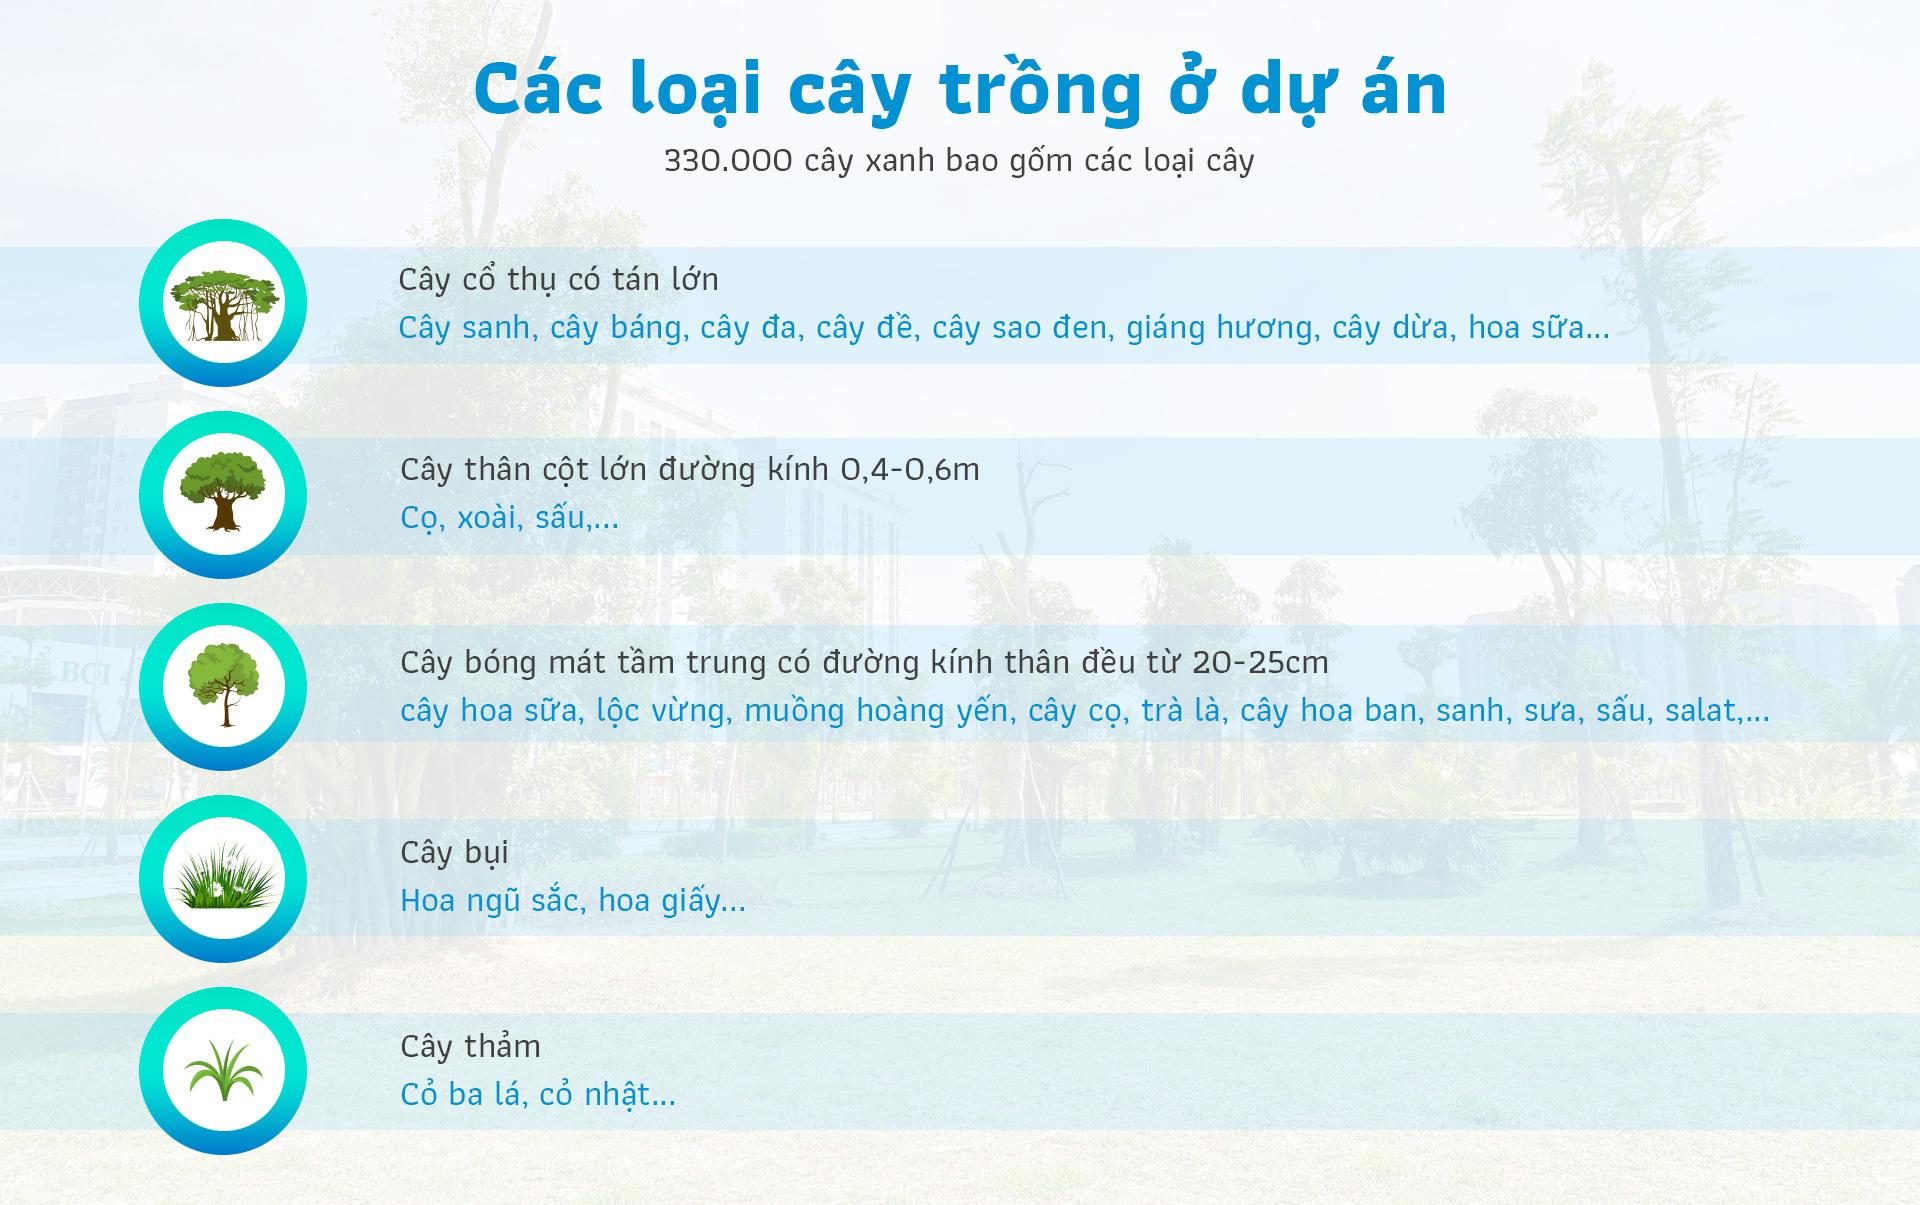 Bên trong khu đô thị 'phủ xanh' giữa lòng Hà Nội Bên trong khu đô thị 'phủ xanh' giữa lòng Hà Nội Info 2 7168 1565263537 5531 1566267787